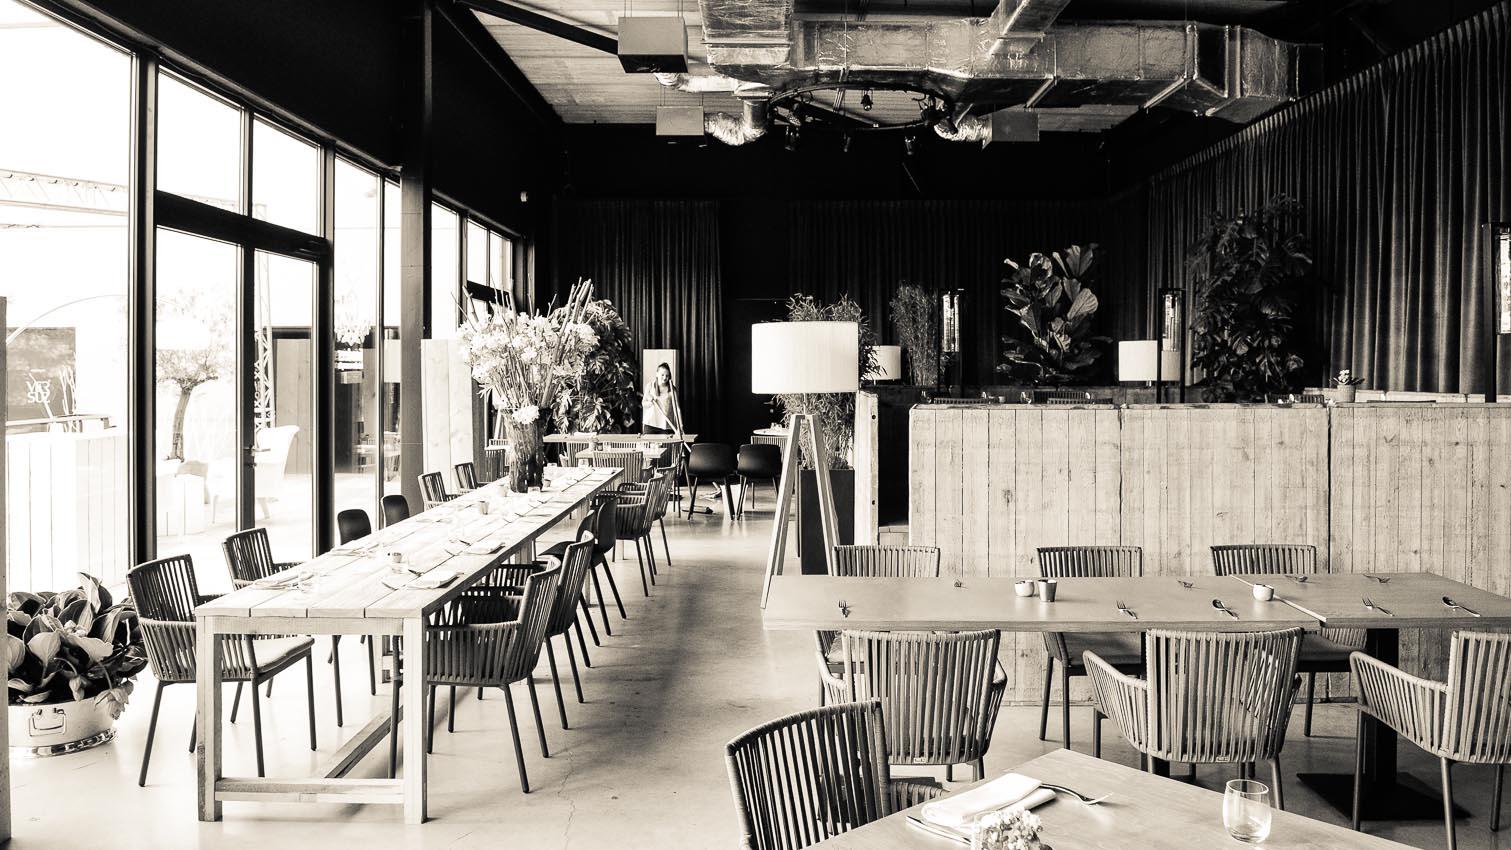 15-cafe-bar-resto-nightclub-decors-film-cinema-photo-belgium-bruxelles